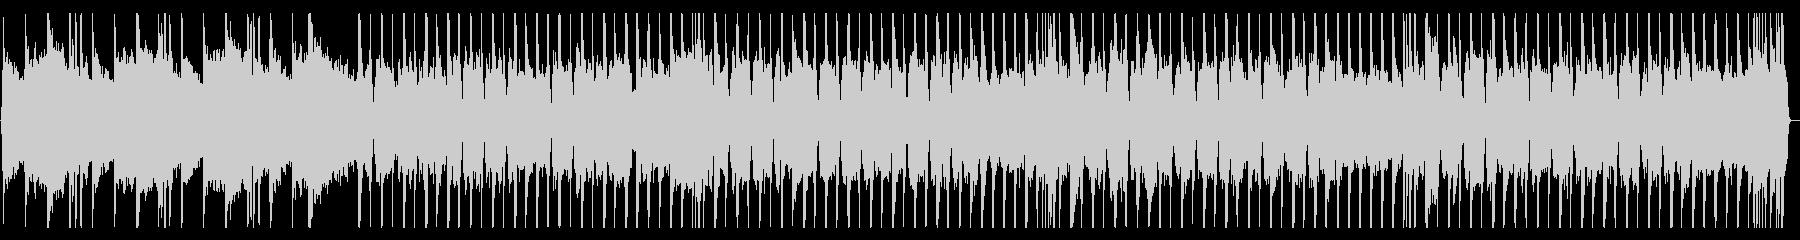 ロックギター、リフが繰り返されるBGM4の未再生の波形